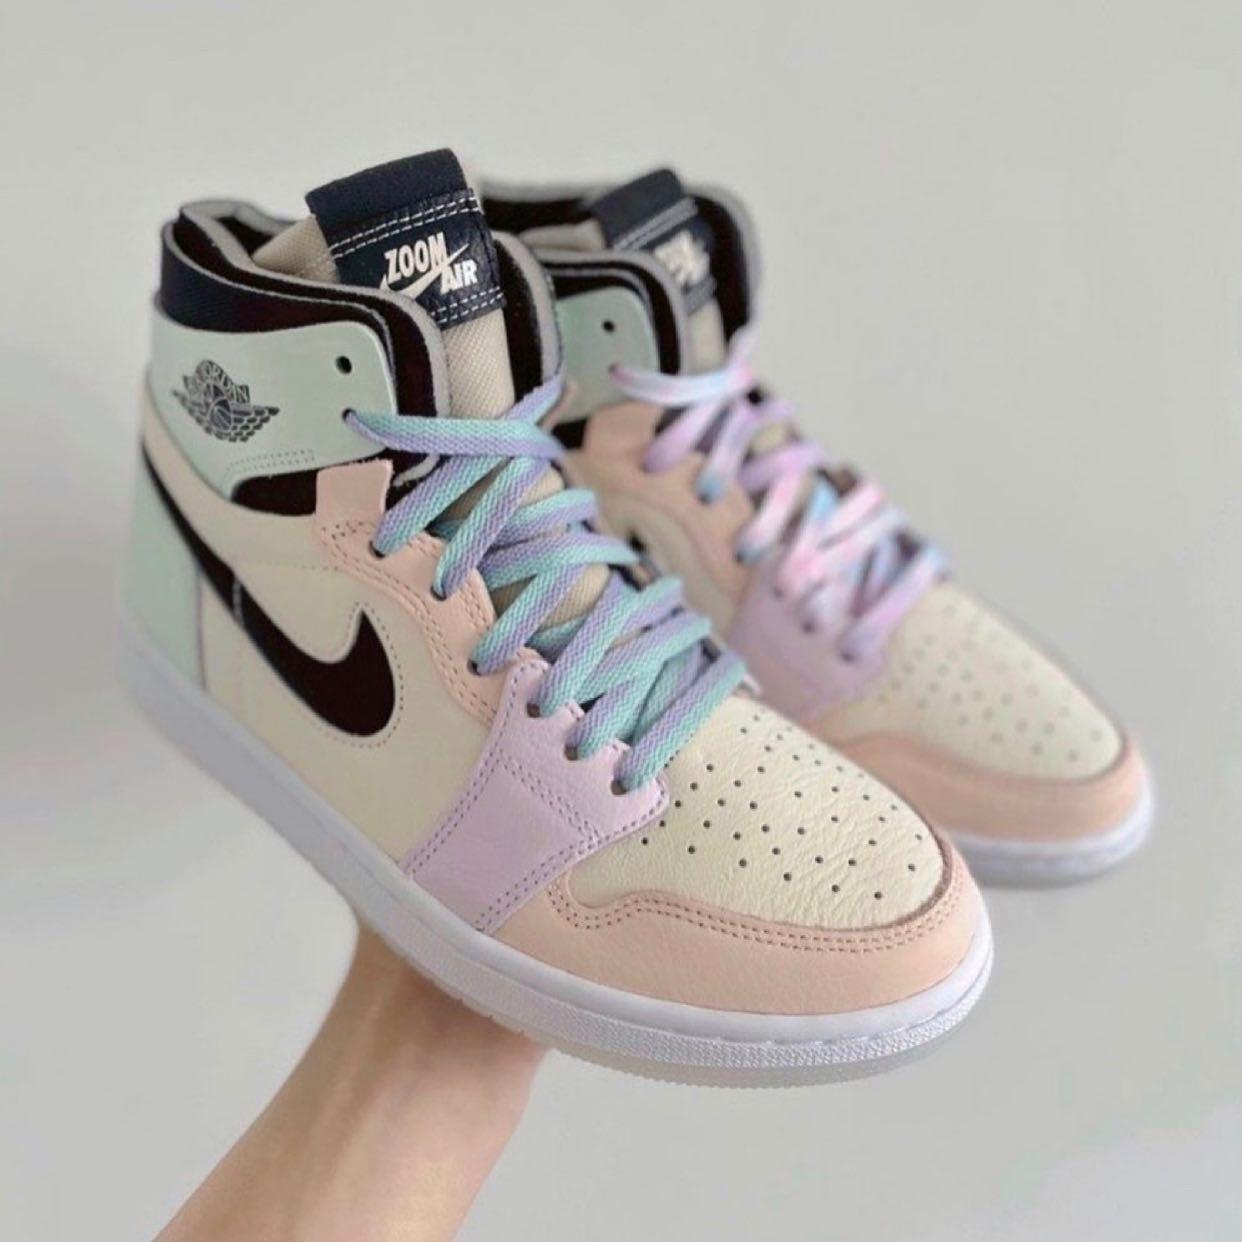 Nike Air Jordan 1 Zoom Air CMFT ' Easter ', Women's Fashion ...